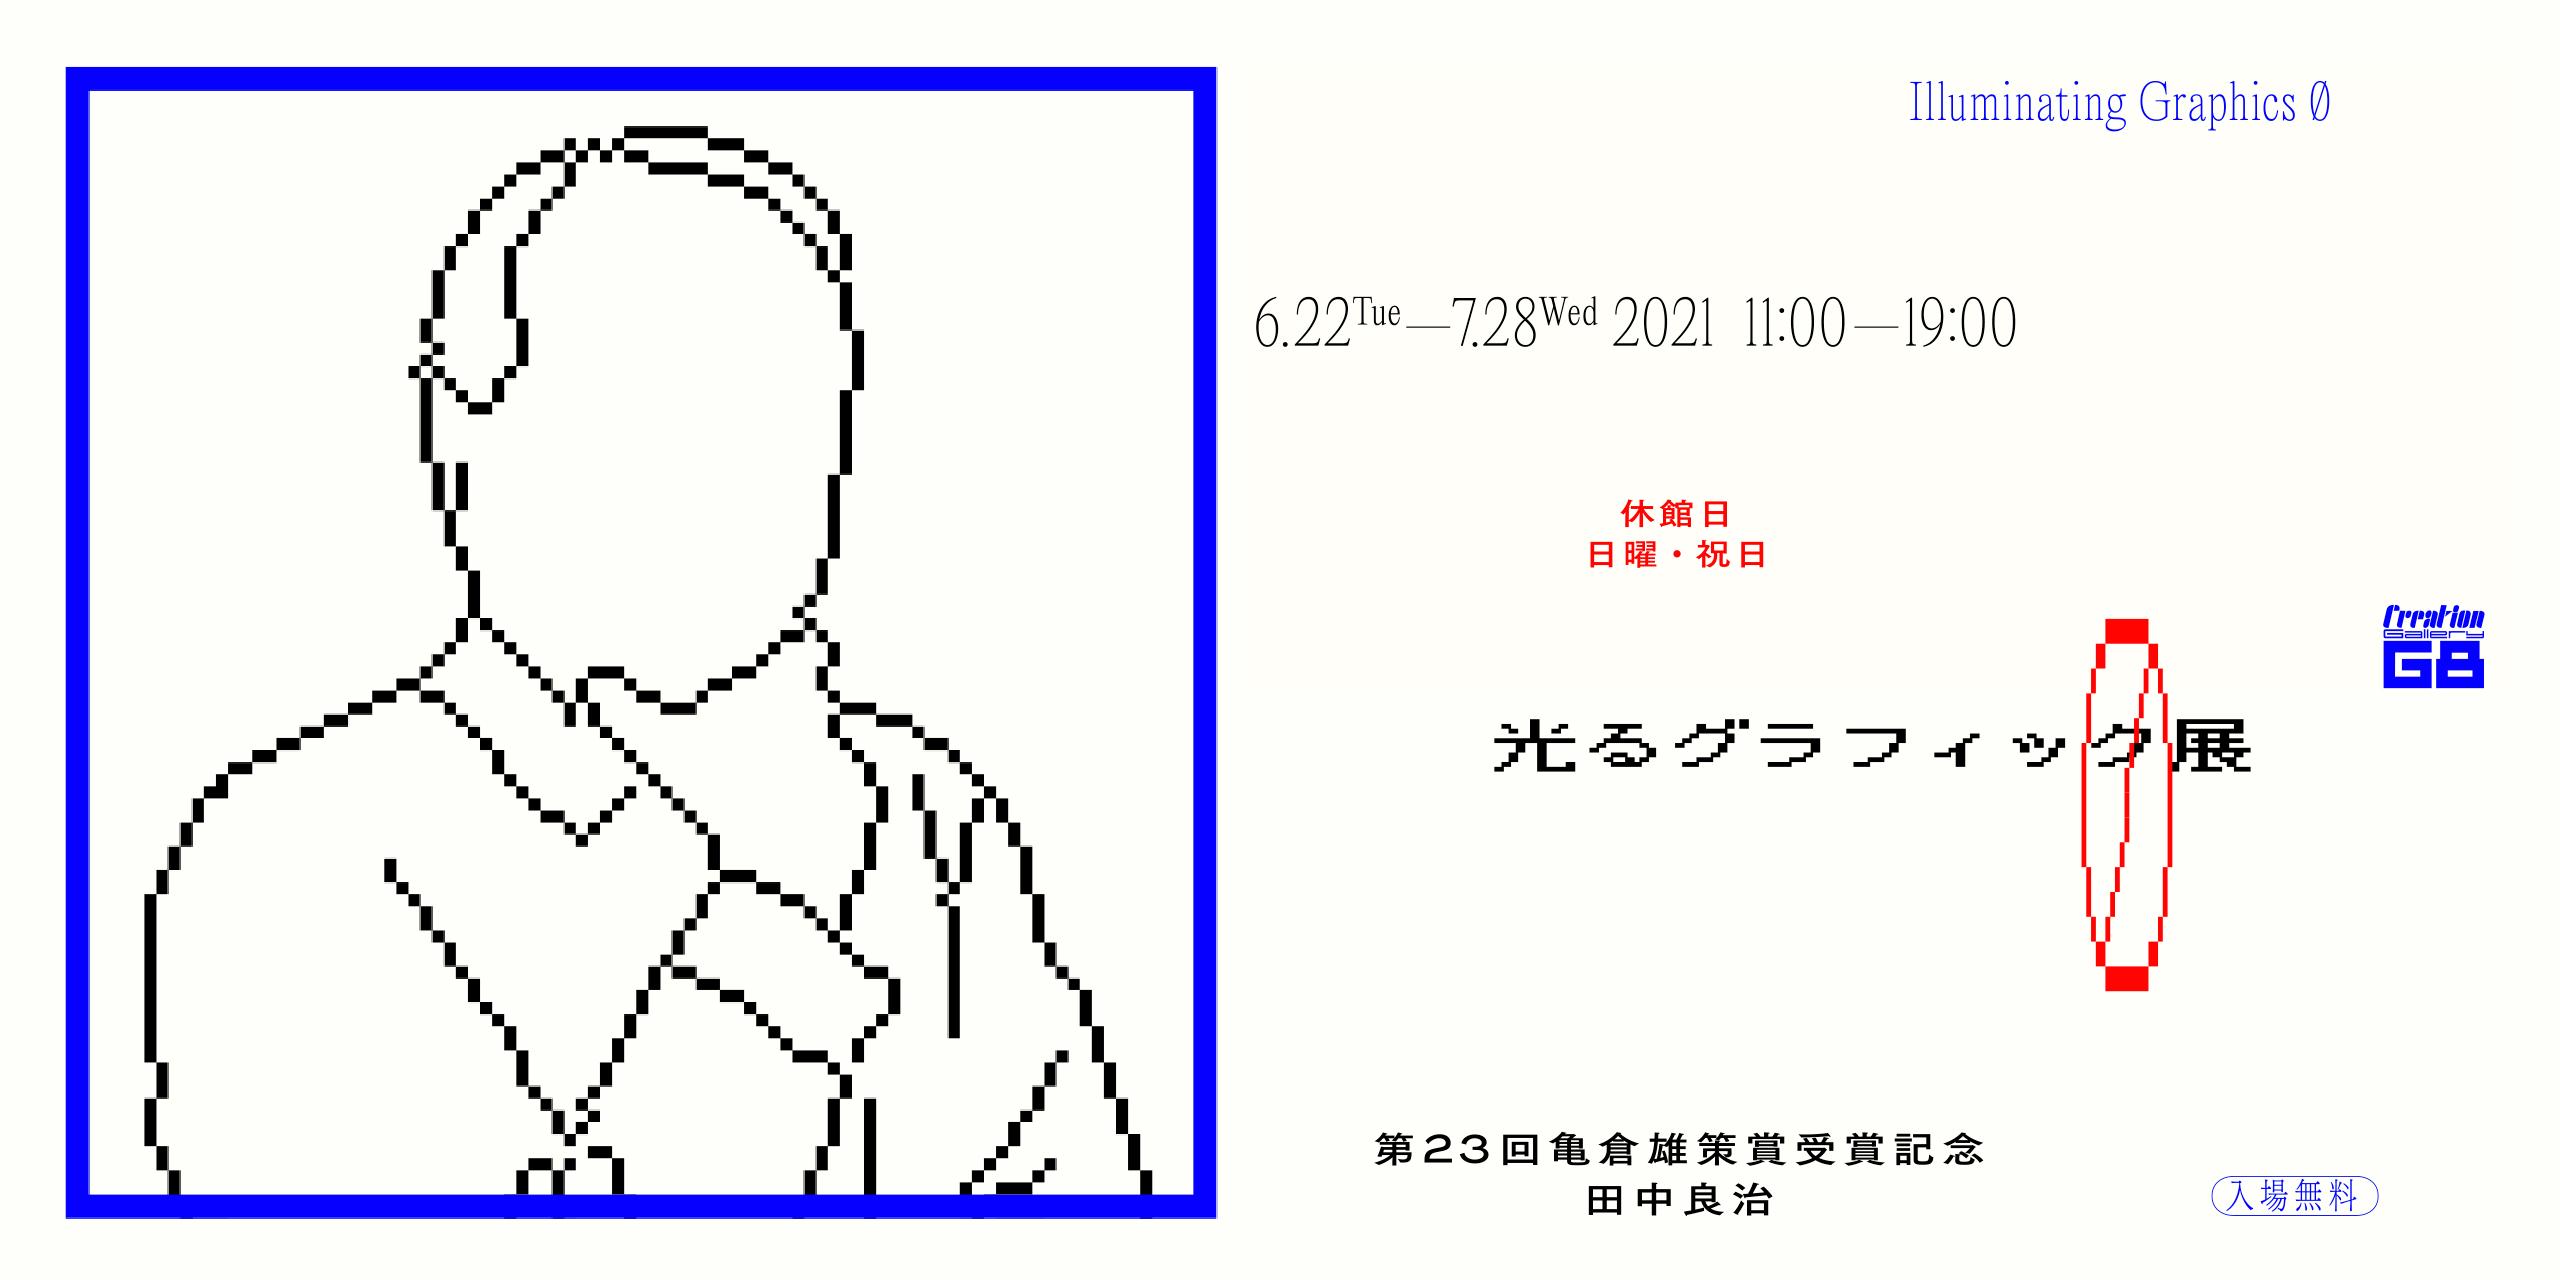 第23回亀倉雄策賞受賞記念 田中良治「光るグラフィック展 0 」7/28まで開催中